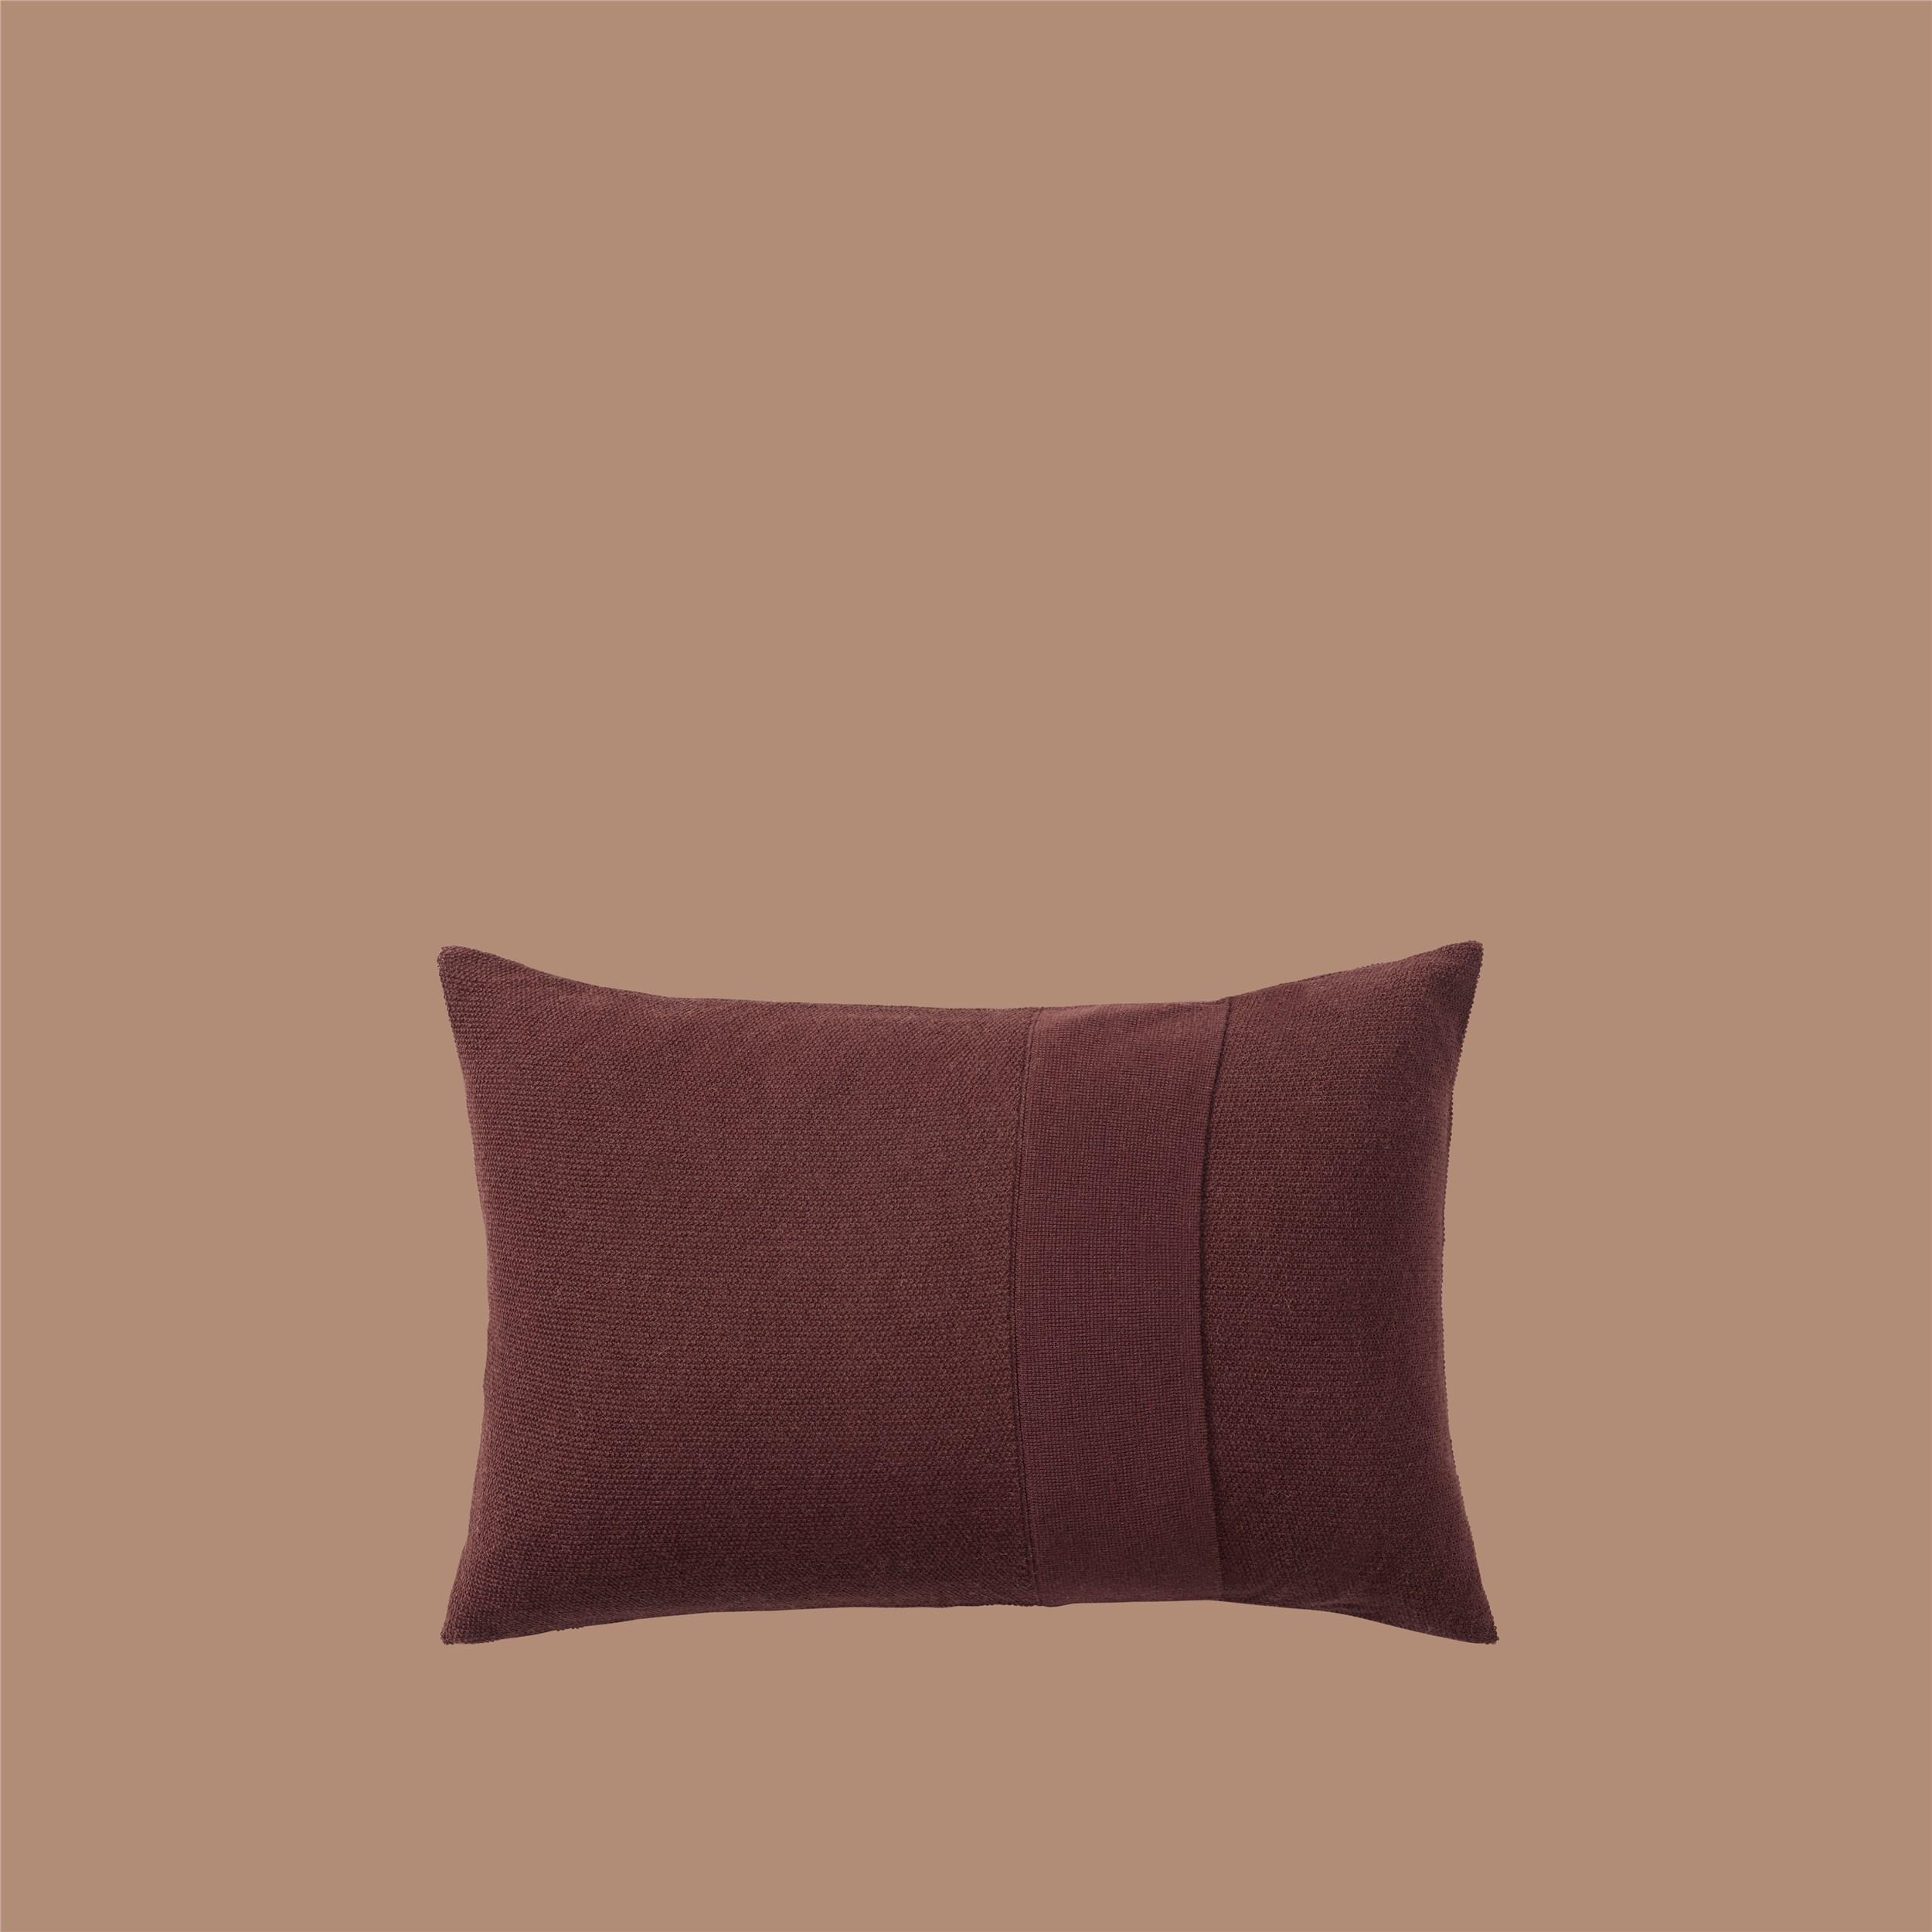 Layer Cushion 40x60 burgundy